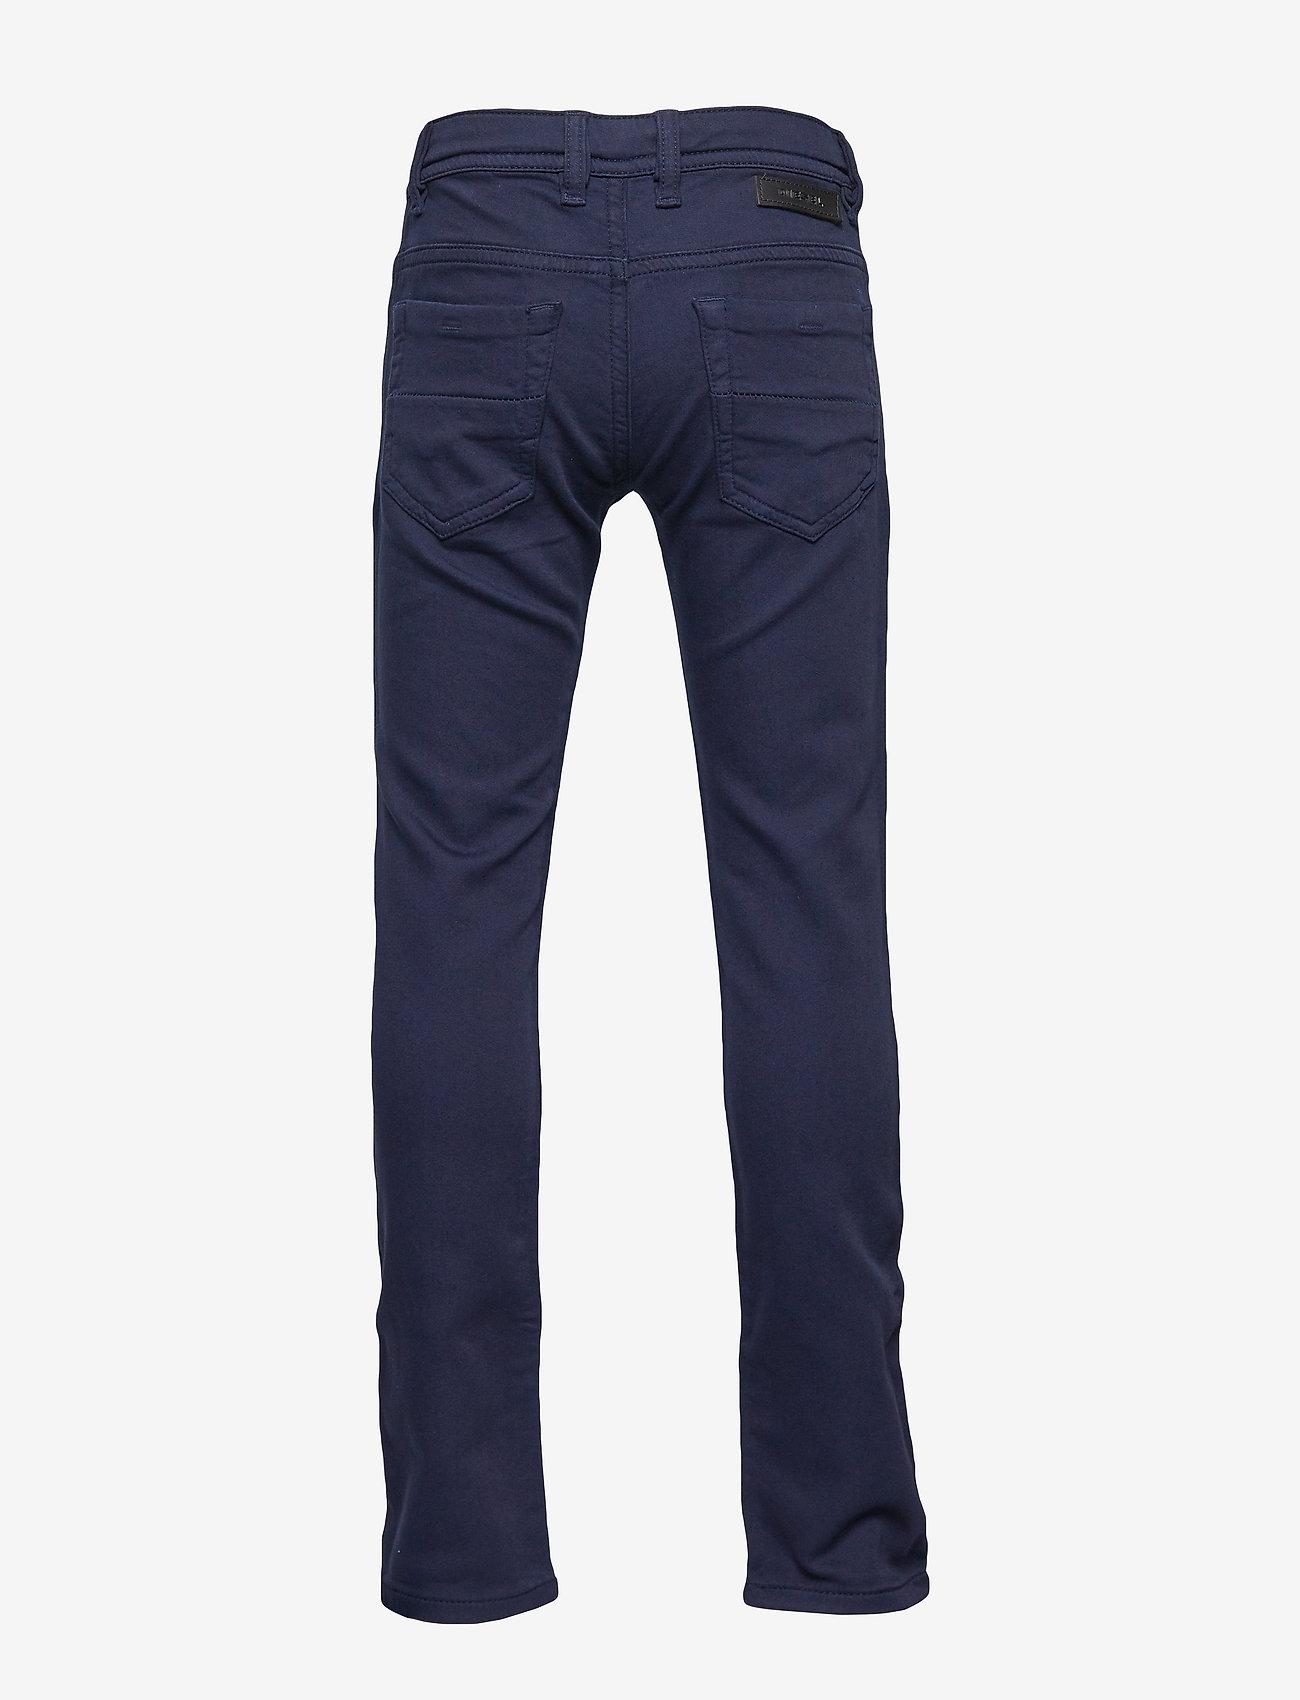 Diesel - THOMMER-J JJJ TROUSERS - jeans - dark blue - 1